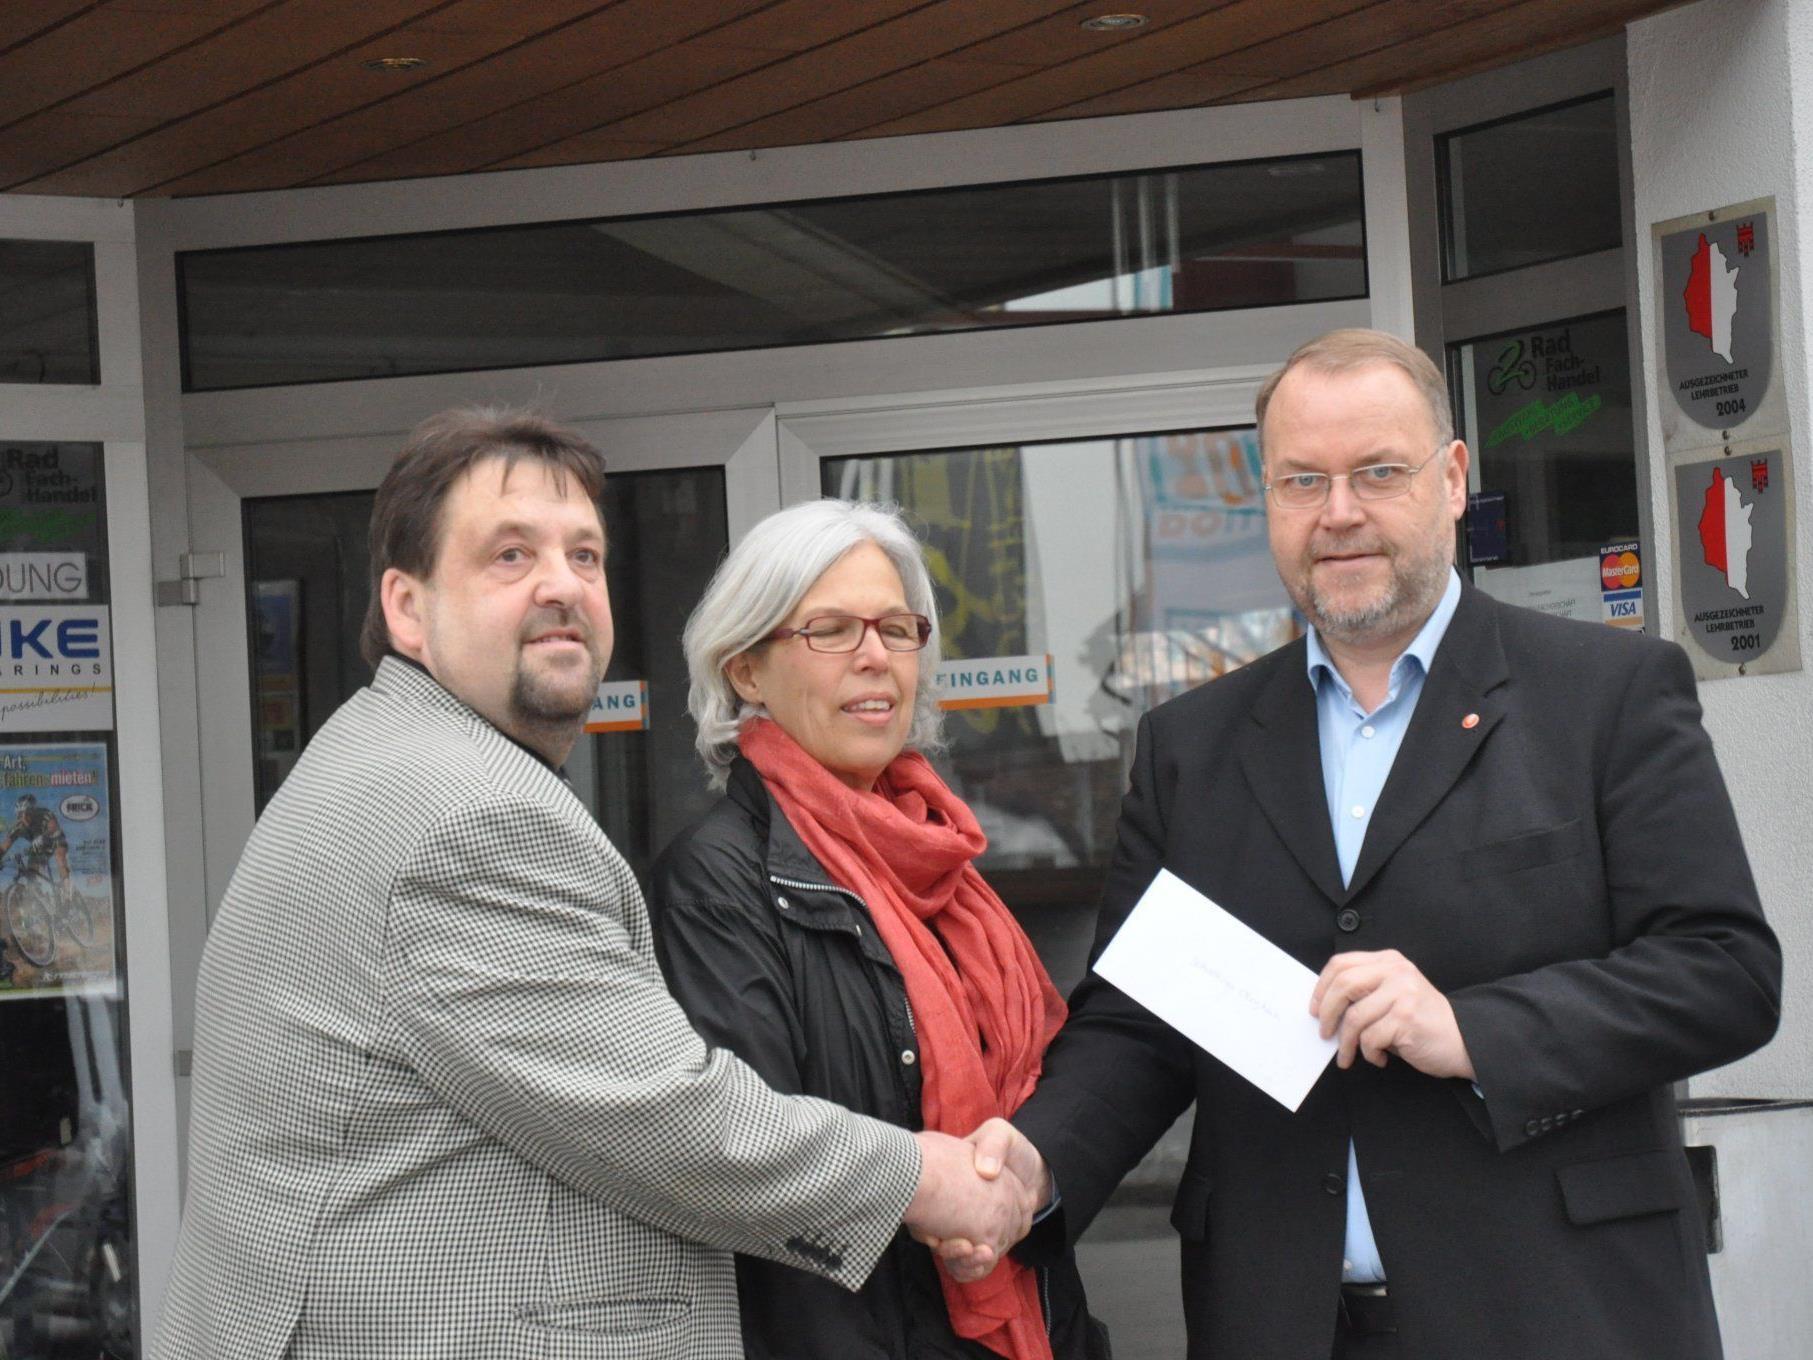 Werner und Silvia Frick übergaben Bürgermeister Müller den Scheck für die soziale Aktion.